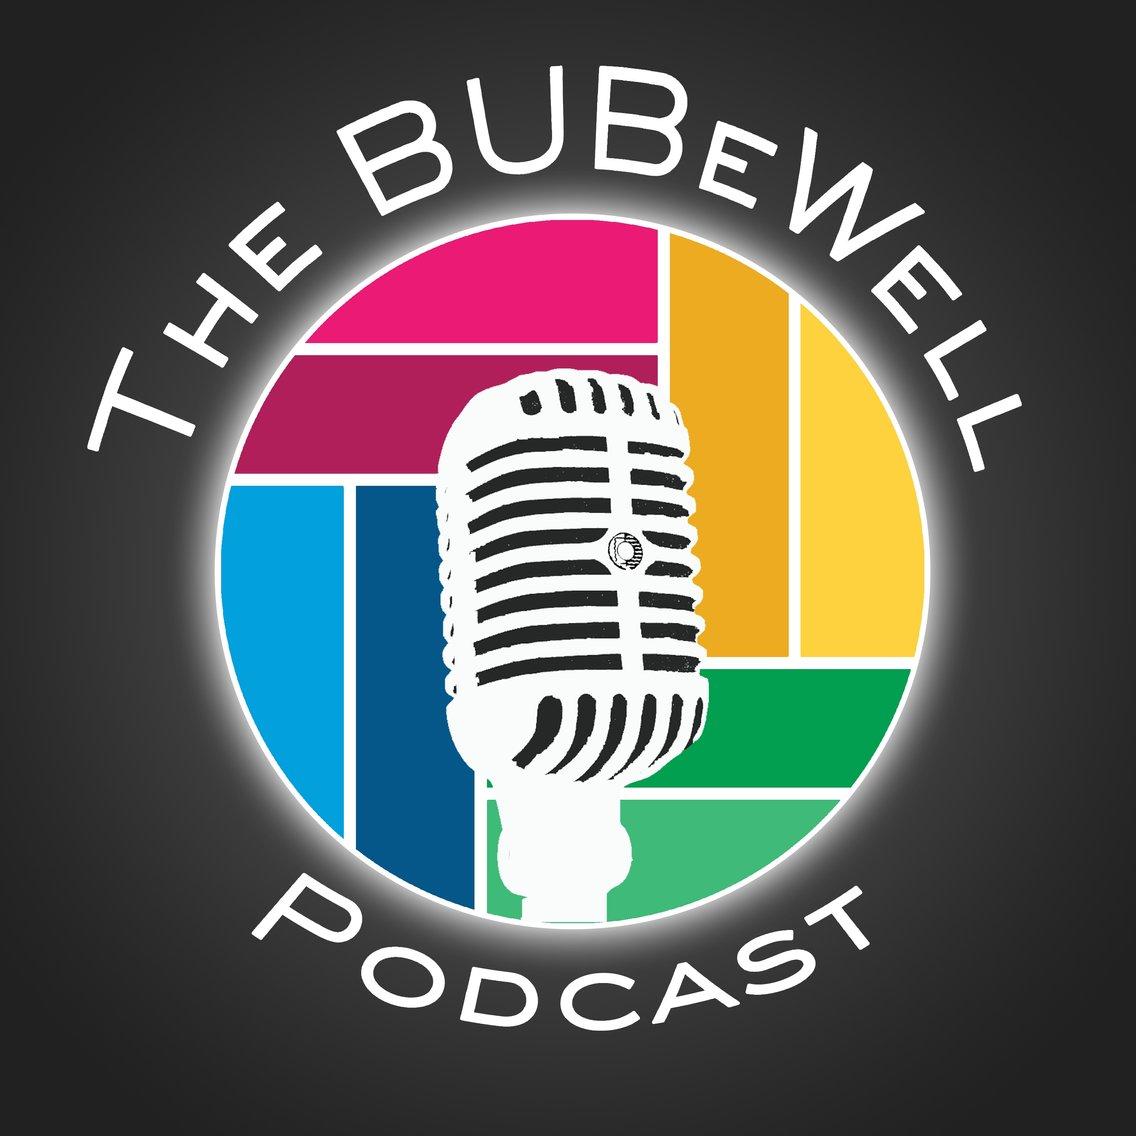 The BUBeWell Podcast - imagen de portada